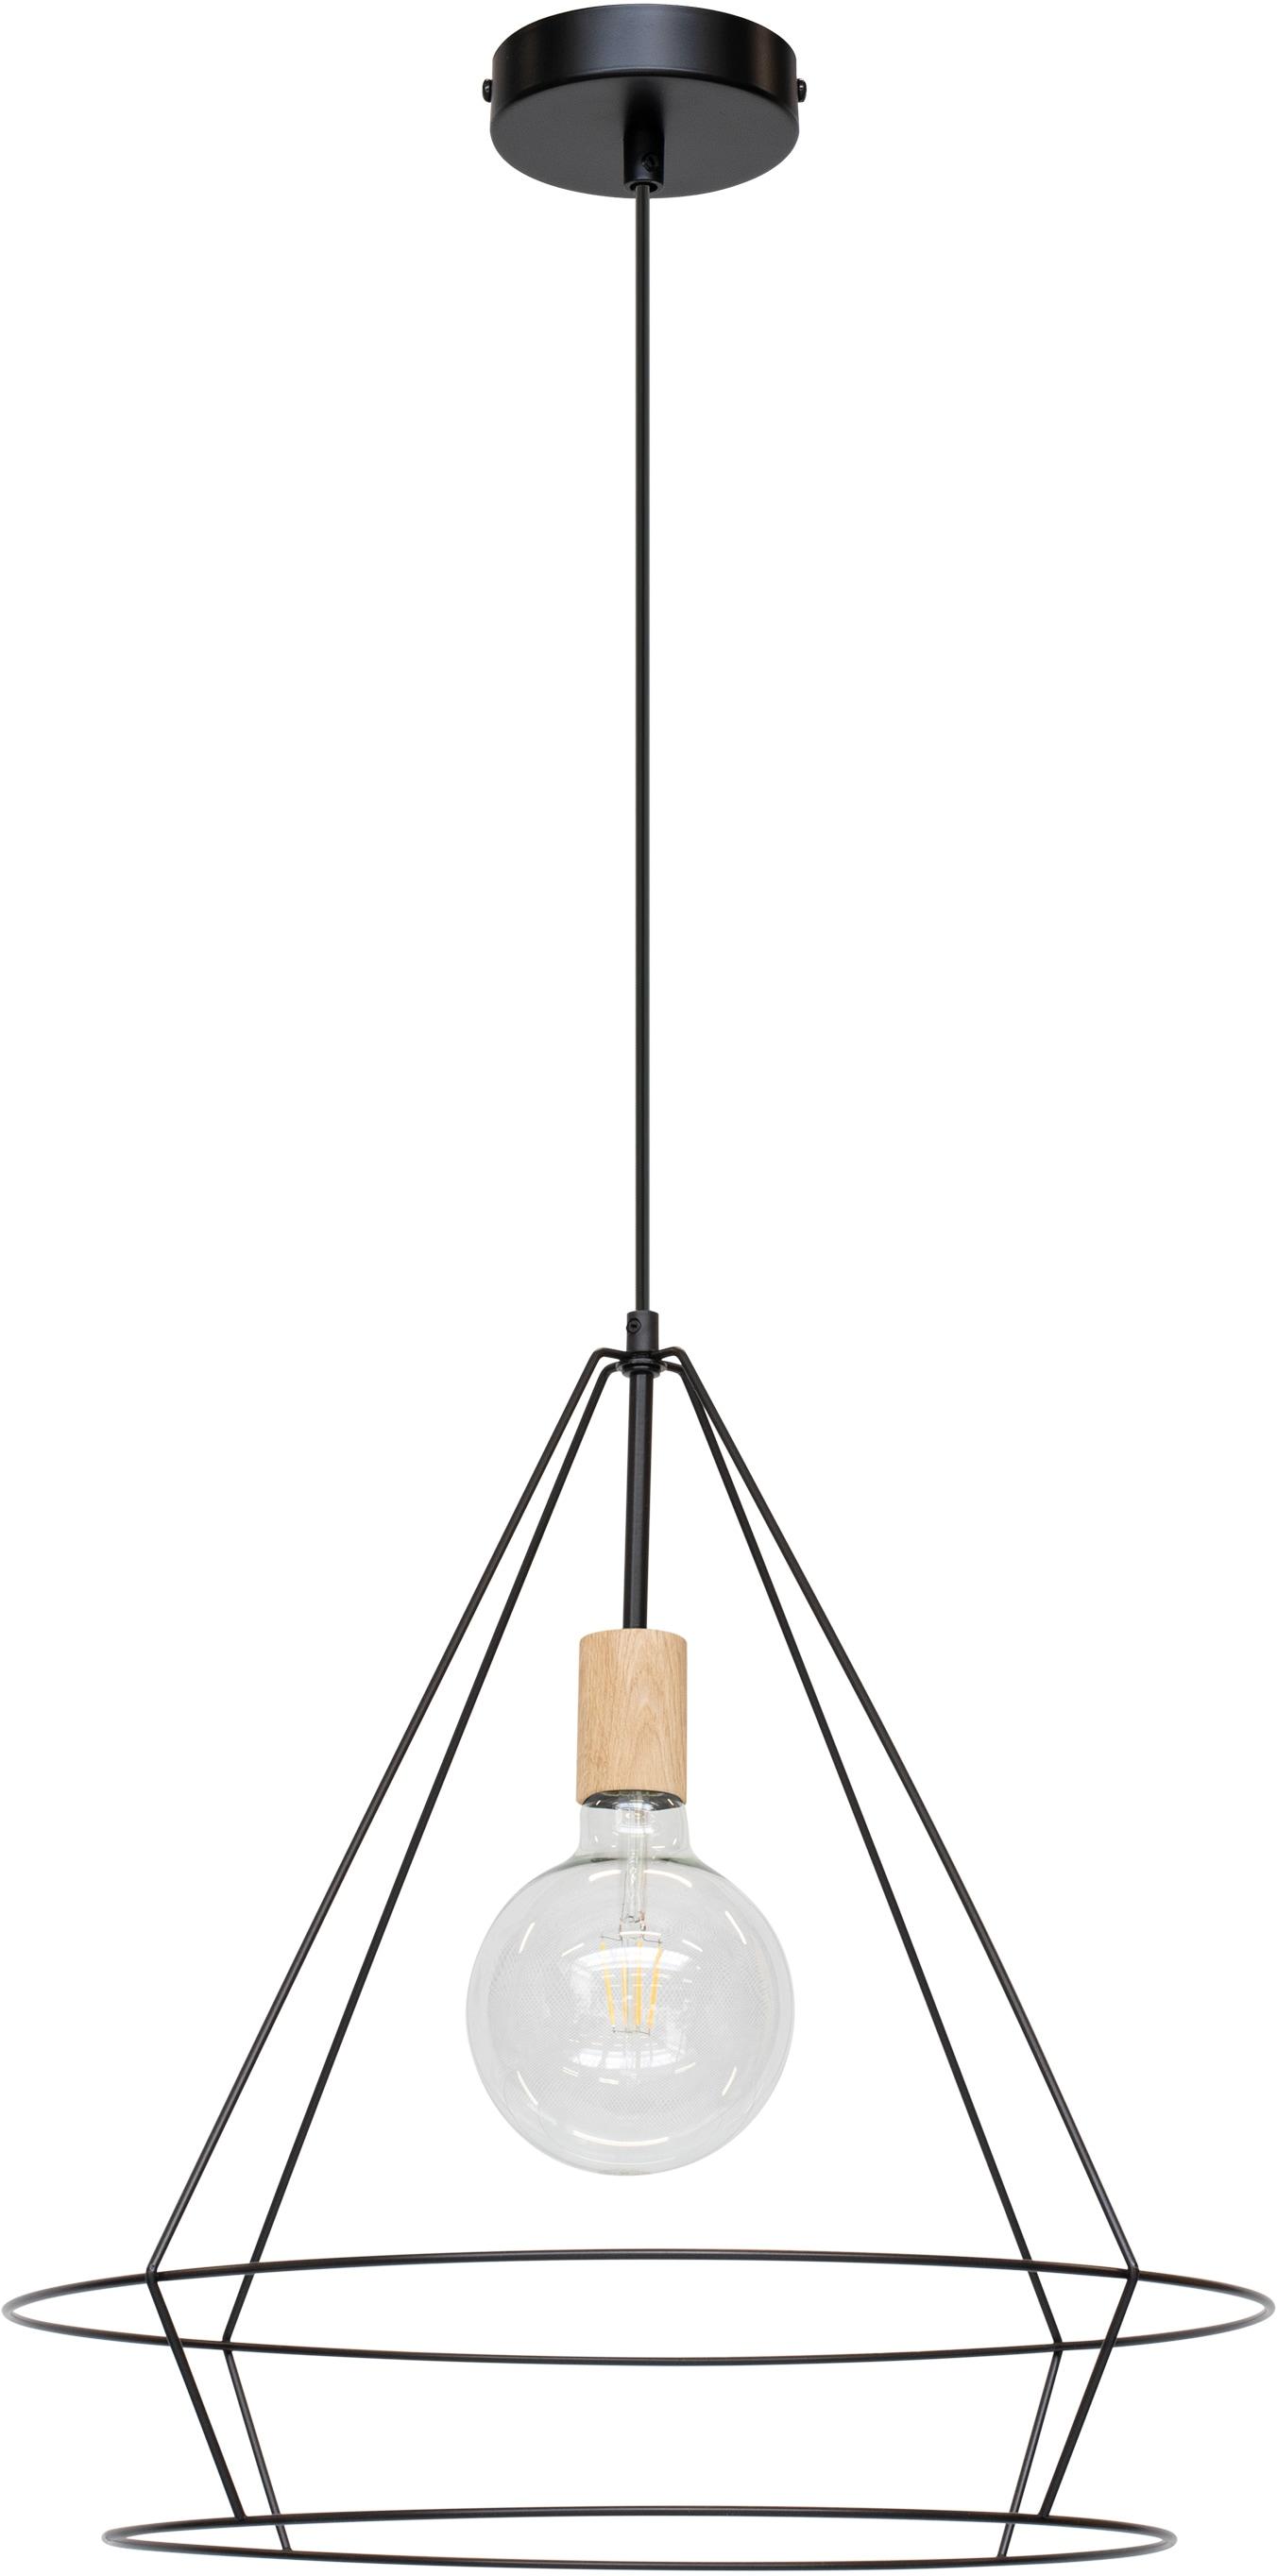 BRITOP LIGHTING Hängeleuchte Casa Triango, E27, 1 St., Dekorative Leuchte aus Metall mit Elementen aus Eichenholz mit FSC-Zertifikat, passende LM E27 / exklusive, Made in Europe